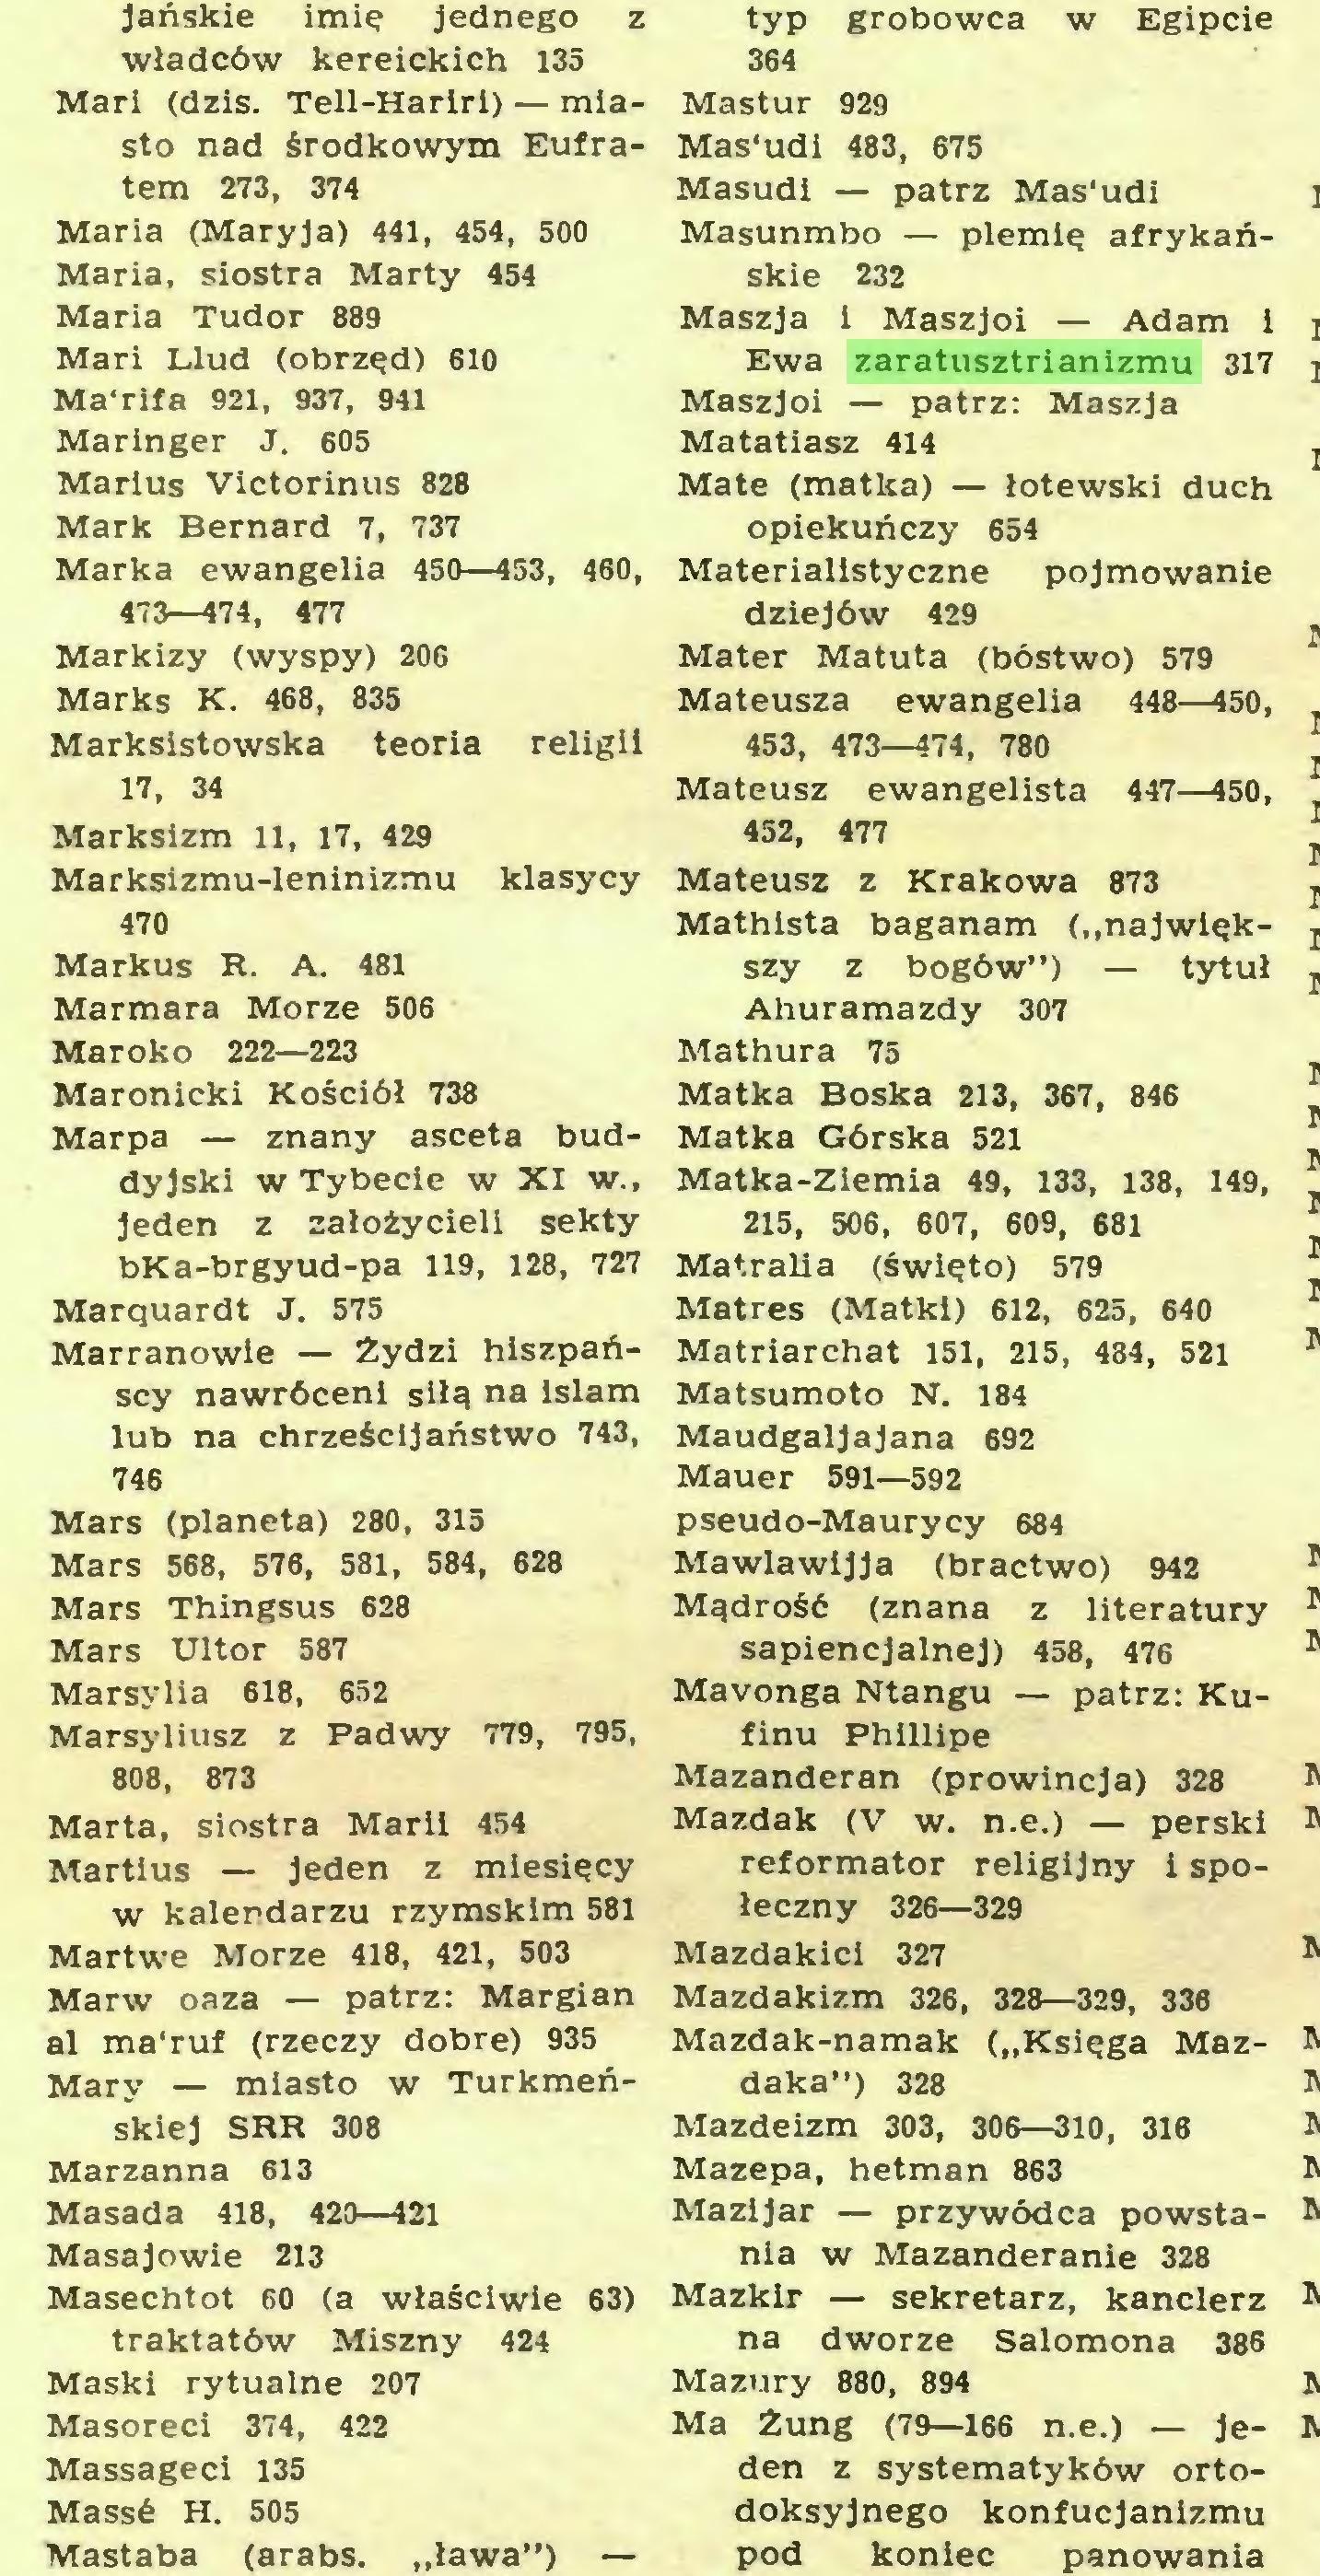 """(...) Mastaba (arabs. """"ława"""") — typ grobowca w Egipcie 364 Mastur 929 Mas'udi 483, 675 Masudi — patrz Mas'udi Masunmbo — plemię afrykańskie 232 Maszja i Maszjoi — Adam i Ewa zaratusztrianizmu 317 Maszjoi — patrz: Maszja Matatiasz 414 Matę (matka) — łotewski duch opiekuńczy 654 Materialistyczne pojmowanie dziejów 429 Mater Matuta (bóstwo) 579 Mateusza ewangelia 448—450, 453, 473—474, 780 Mateusz ewangelista 447—450, 452, 477 Mateusz z Krakowa 873 Mathista baganam (""""największy z bogów"""") — tytuł Ahuramazdy 307 Mathura 75 Matka Boska 213, 367, 846 Matka Górska 521 Matka-Ziemia 49, 133, 138, 149, 215, 506, 607, 609, 681 Matralia (święto) 579 Matres (Matki) 612, 625, 640 Matriarchat 151, 215, 484, 521 Matsumoto N, 184 Maudgaljajana 692 Mauer 591—592 pseudo-Maurycy 684 Mawlawijja (bractwo) 942 Mądrość (znana z literatury sapiencjalnej) 458, 476 Mavonga Ntangu — patrz: Kufinu Phillipe Mazanderan (prowincja) 328 Mazdak (V w. n.e.) — perski..."""